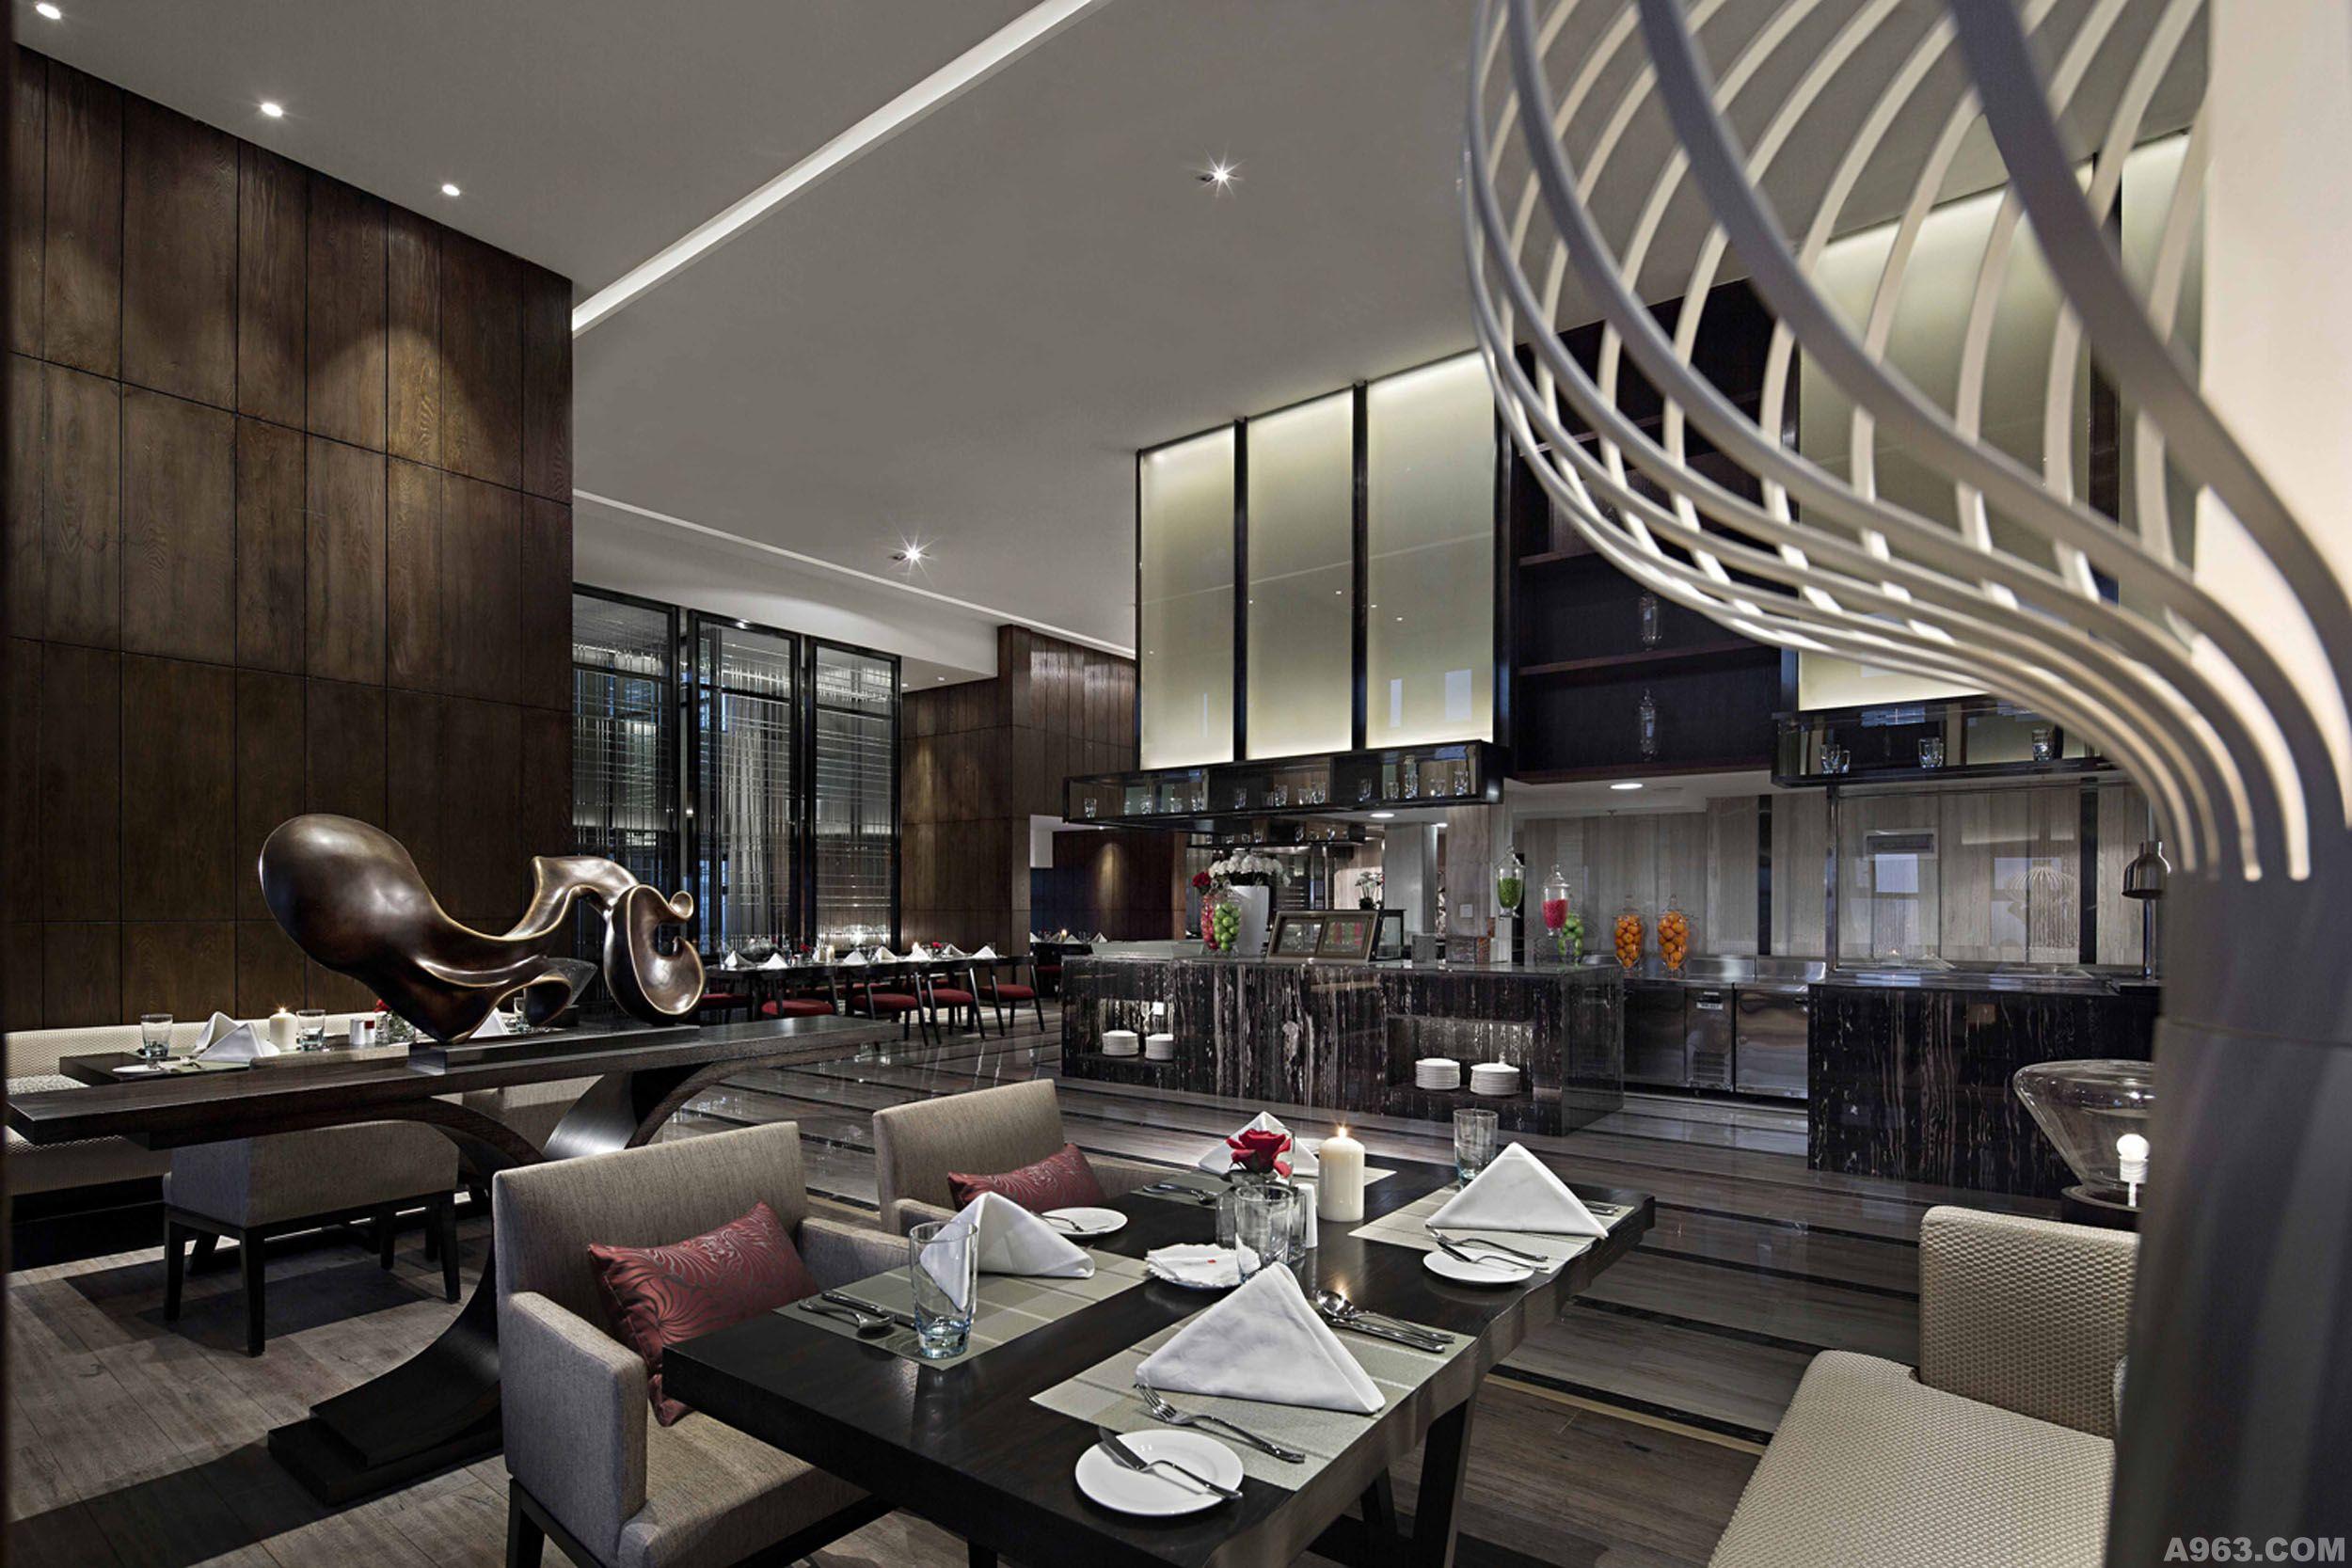 设有经典的中式餐厅,格调高雅的西式自助餐厅